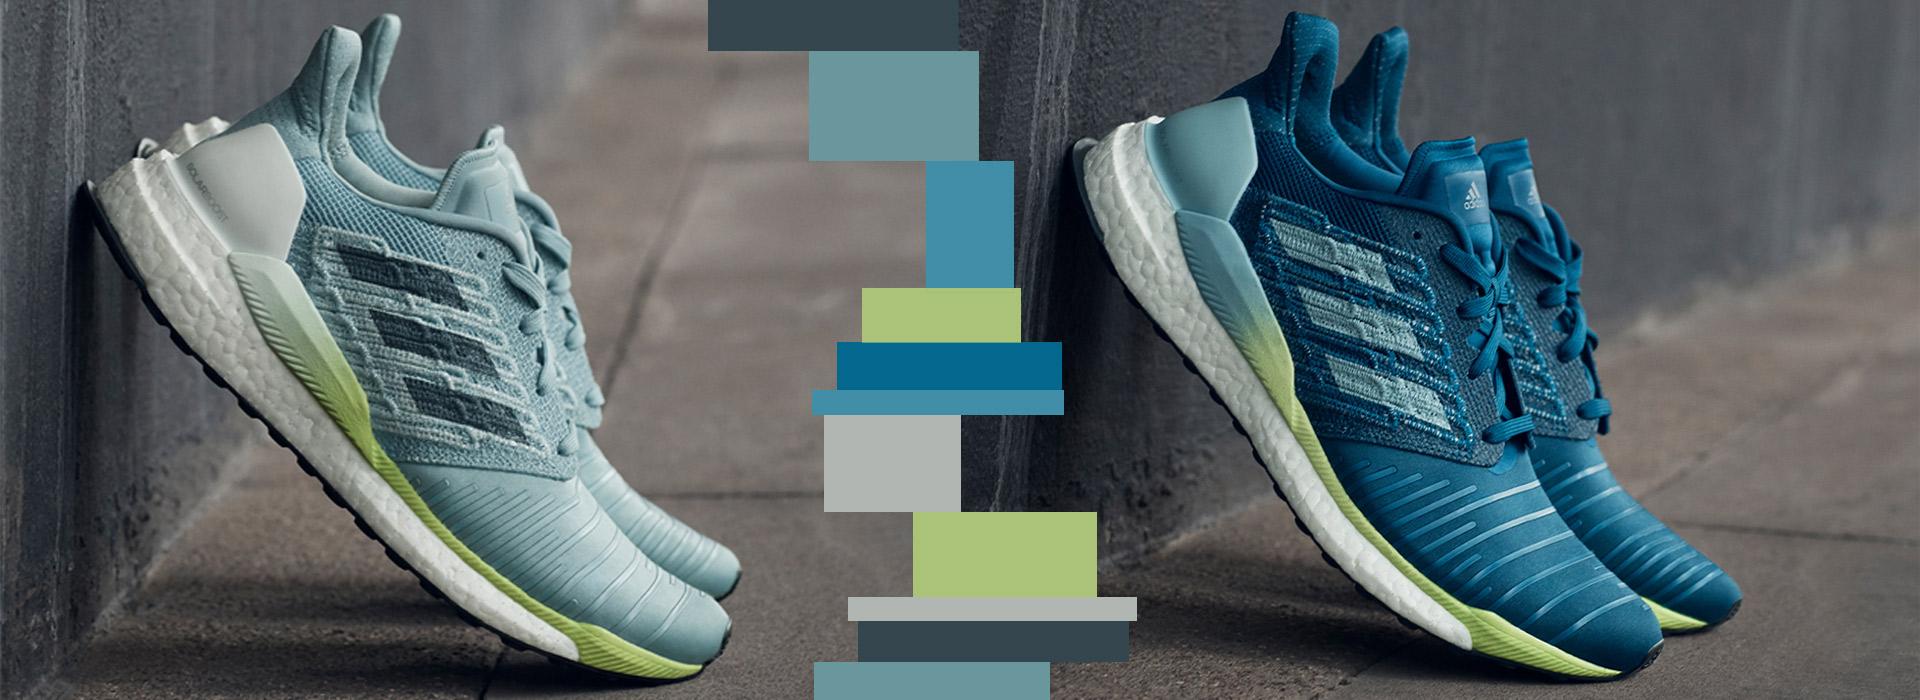 scarpe solarboost adidas da uomo e da donna 2018